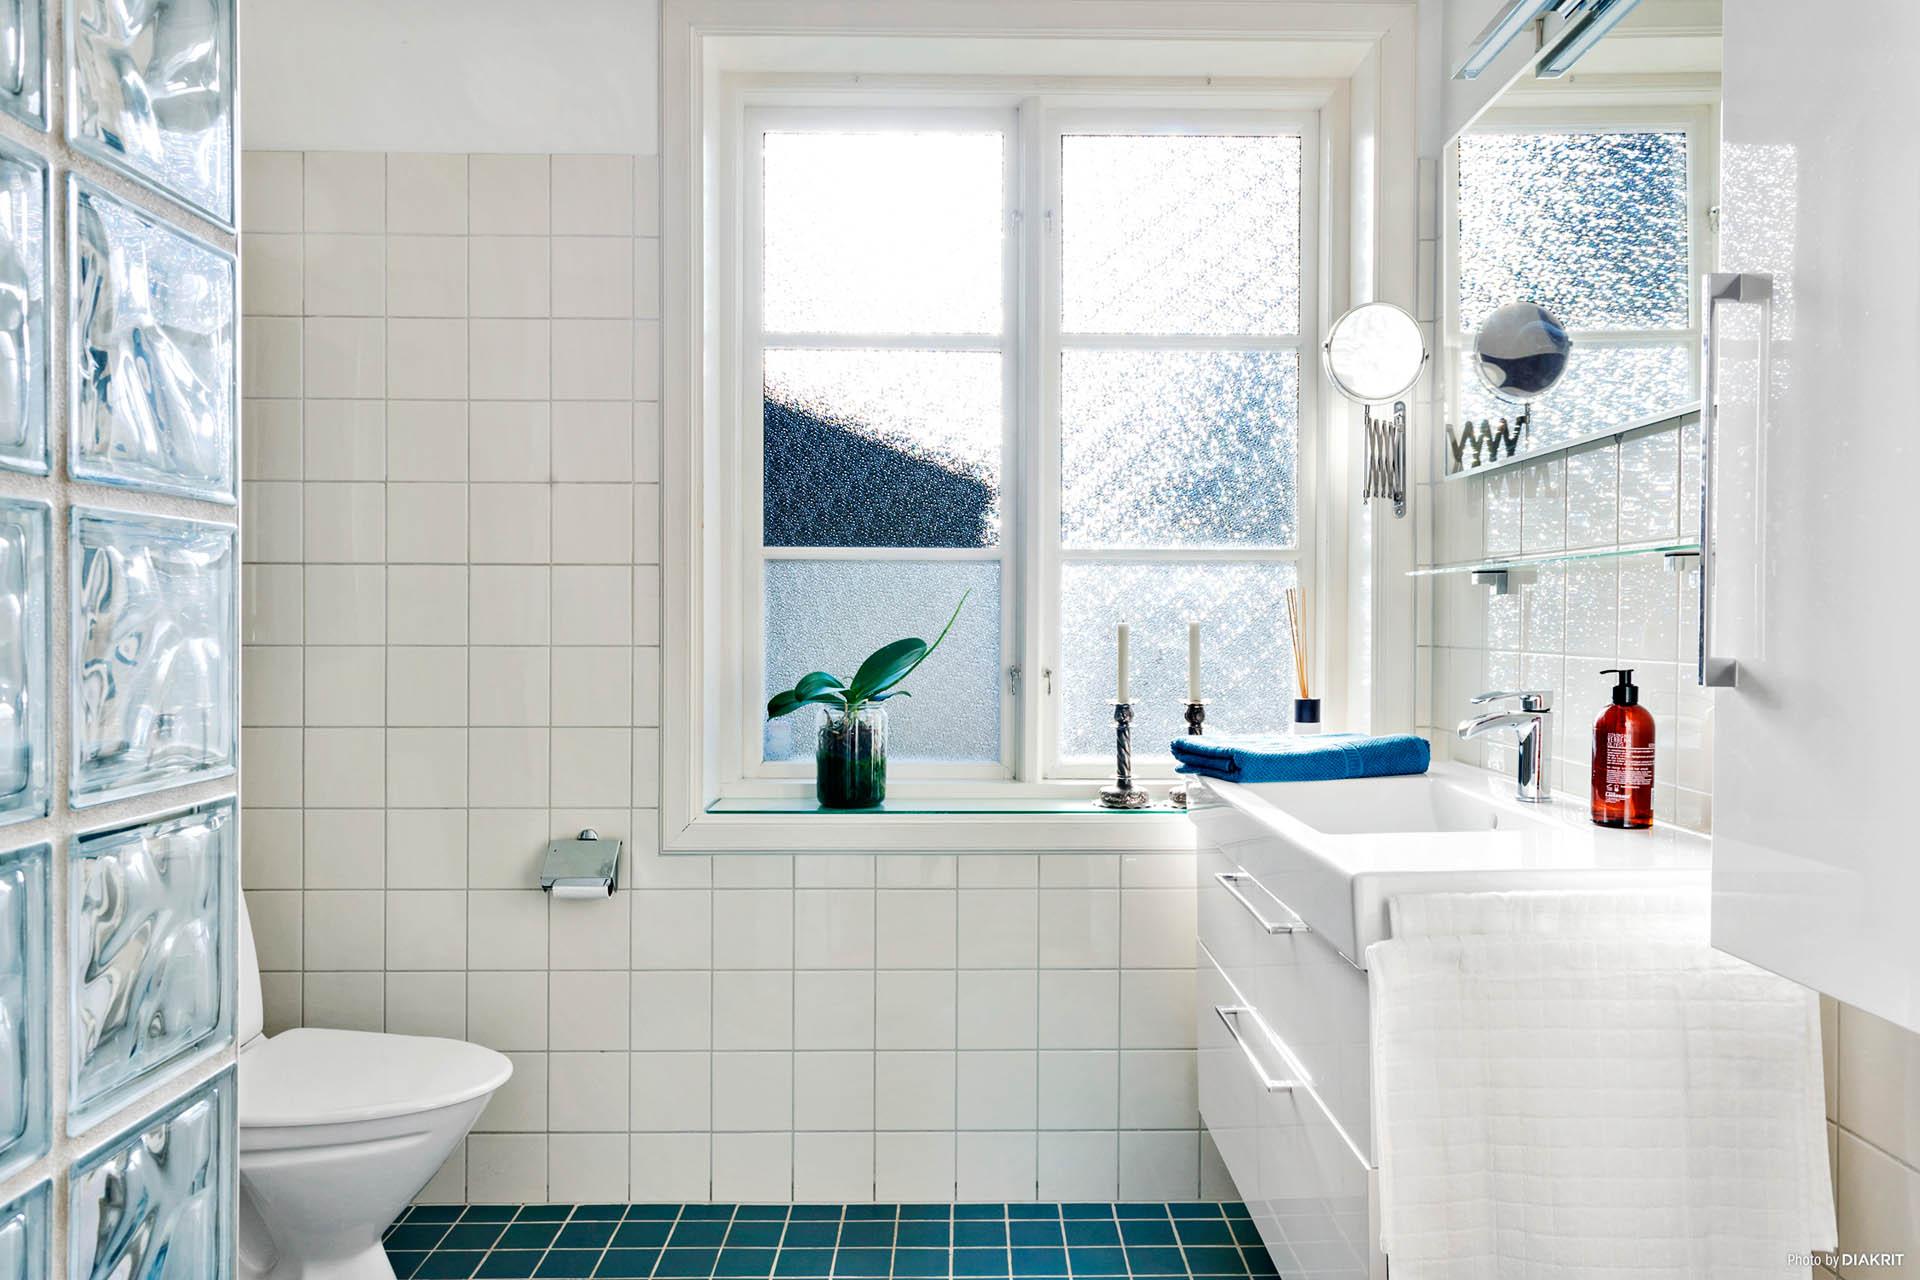 BADRUM 1 - Helkaklat fräscht badrum med dusch o handdukstork